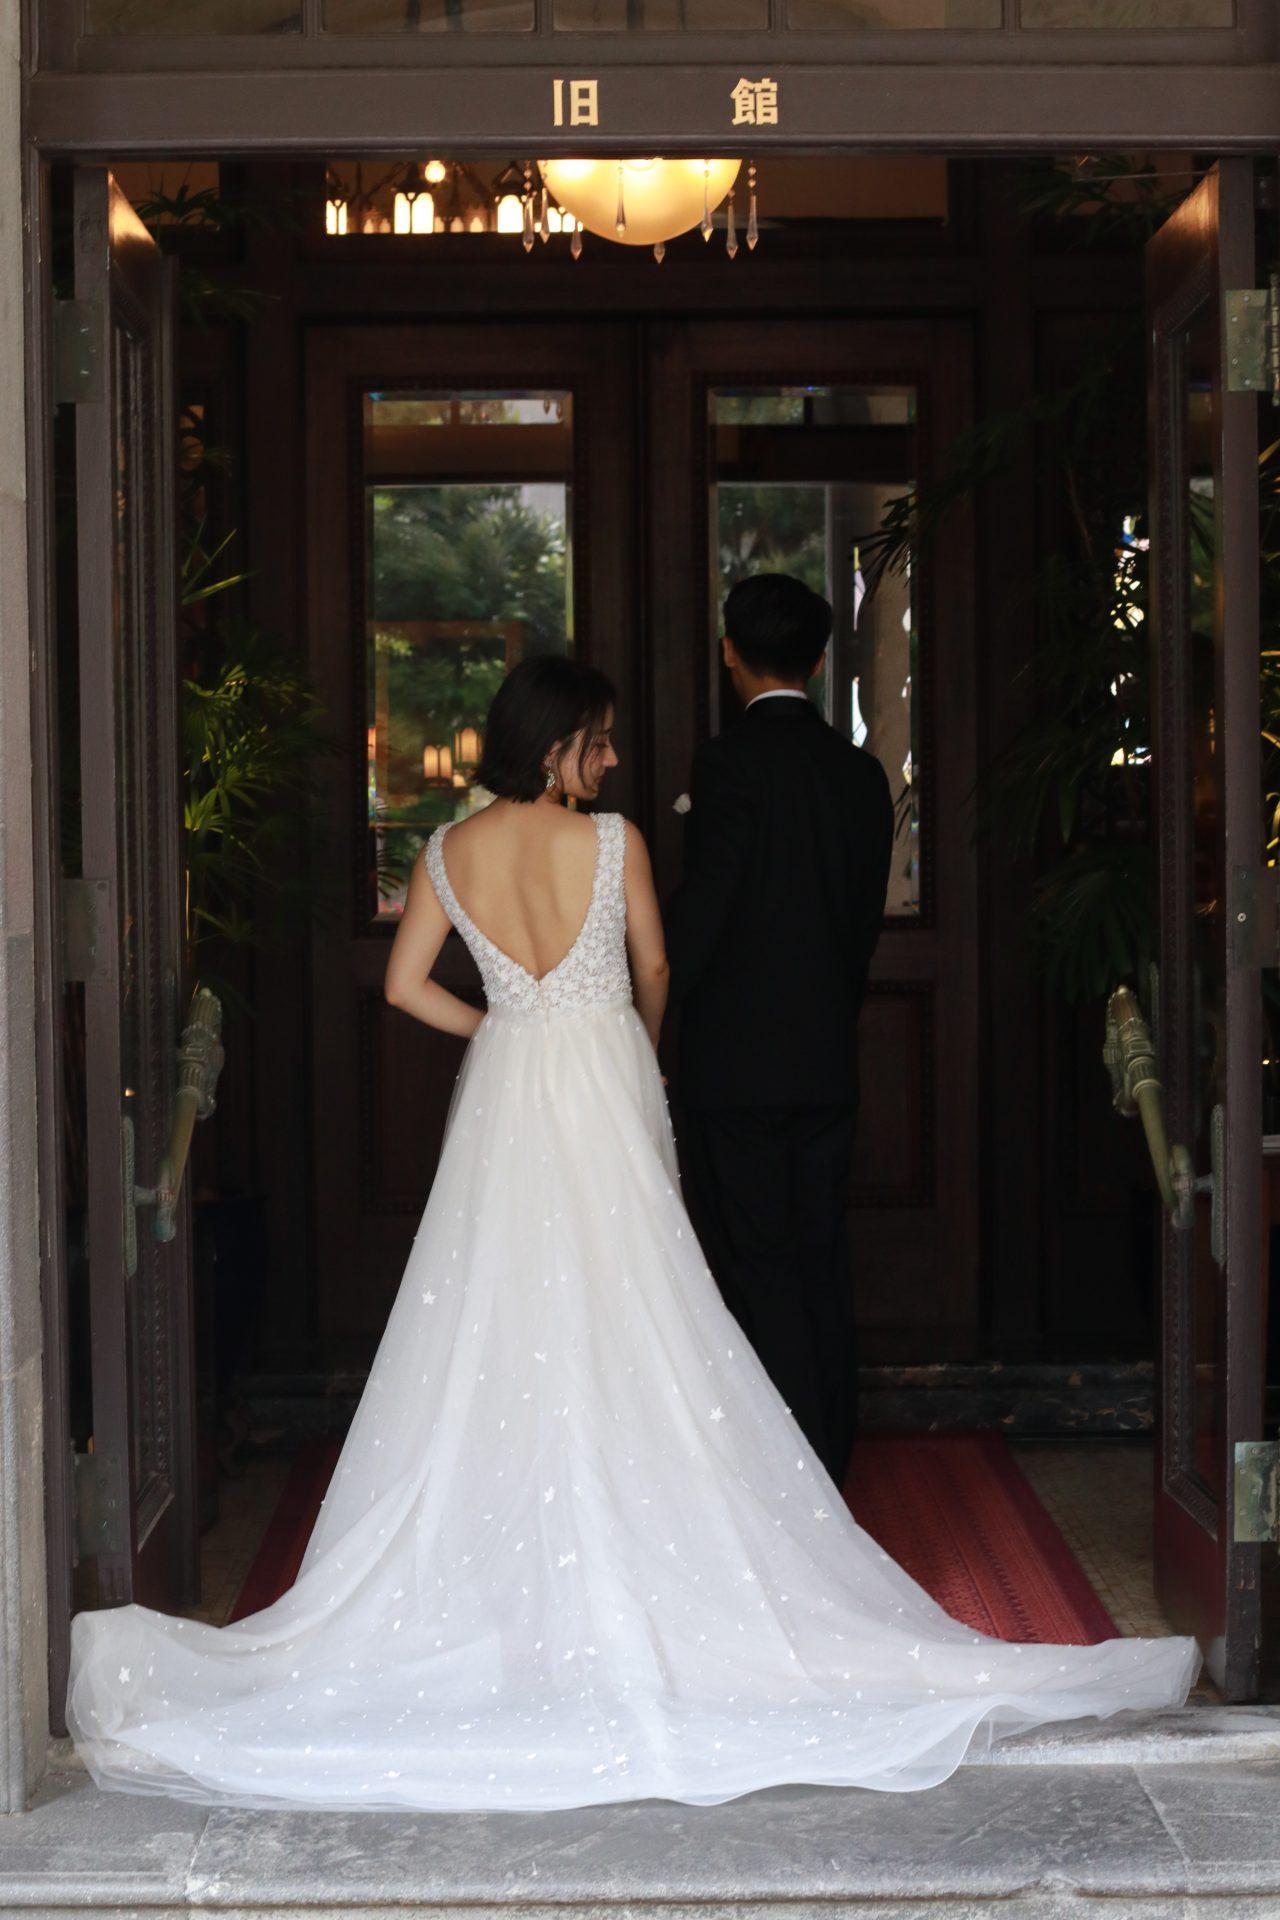 東京の人気結婚式会場、赤坂プリンスクラシックハウスでのご結婚式を予定されている花嫁様におススメの新作ウェディングドレスは、繊細なベールを纏った上からでも存在感を放つ立体的なビーズ刺繍がデコルテを華やかに引き立てます